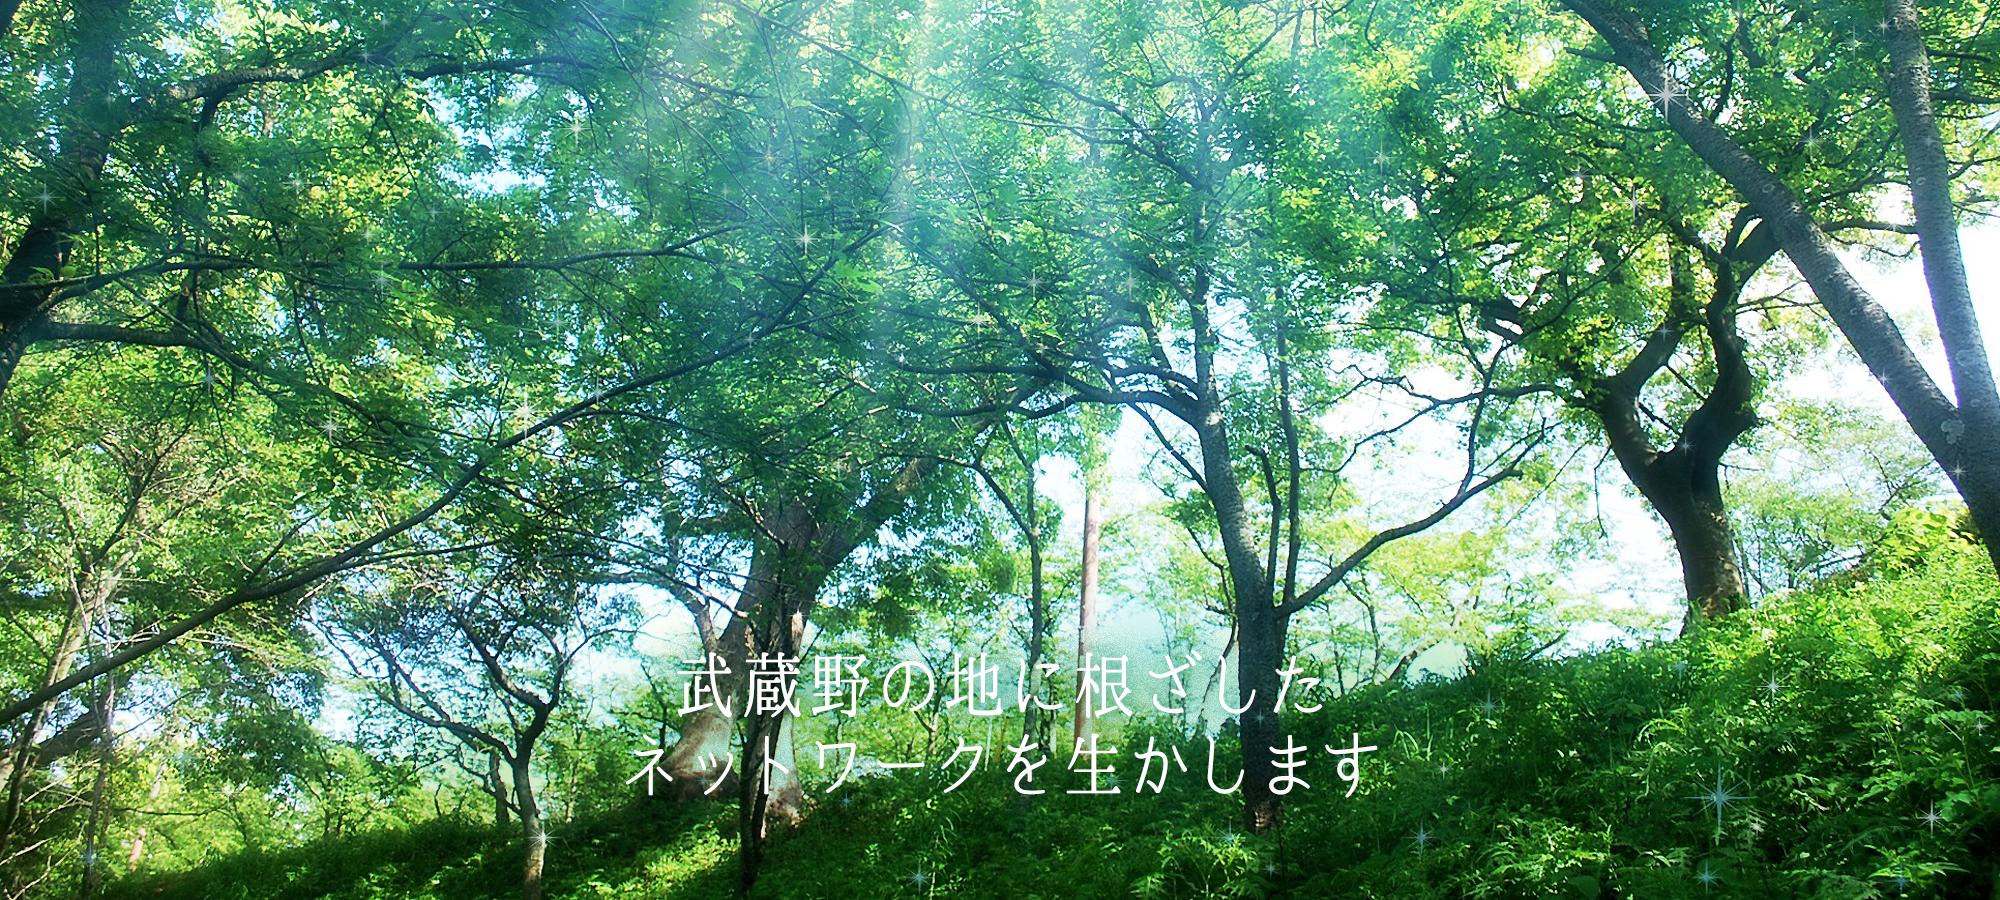 武蔵野の地に根ざしたネットワークを生かします!